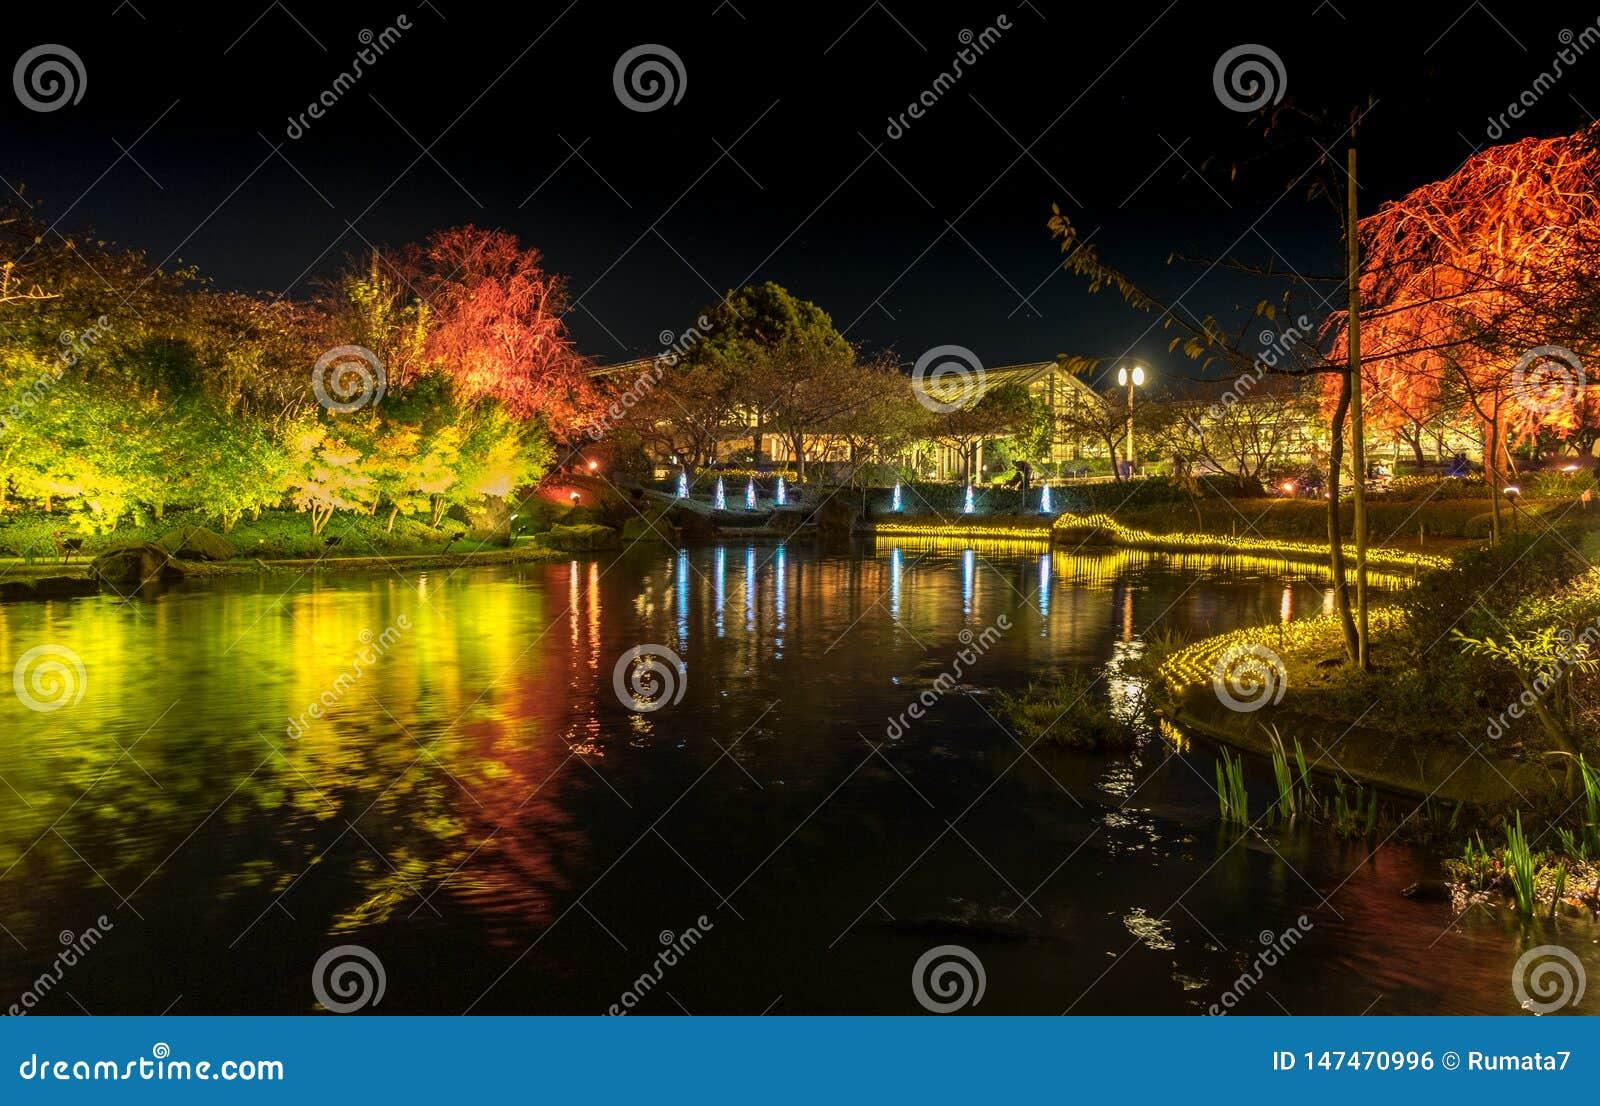 Nabana n?o Sato, festival claro em Nagashima, Mie Prefecture jap?o